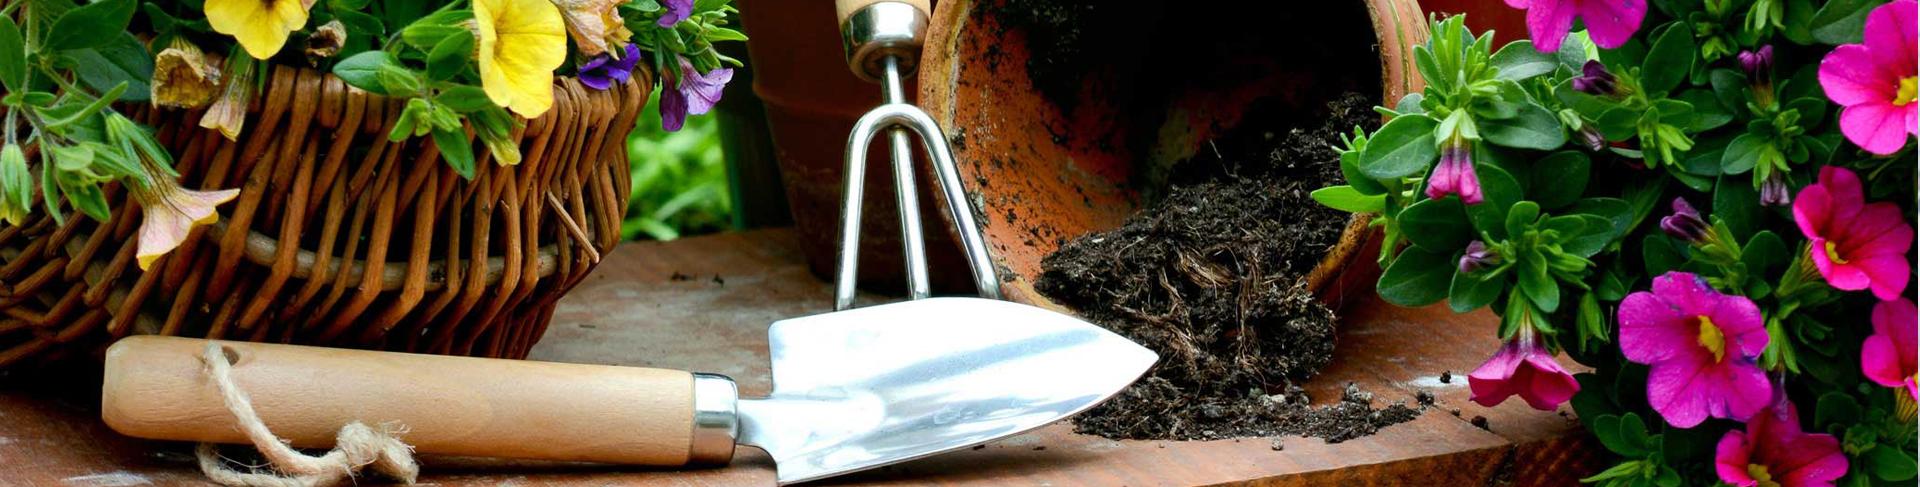 Bagnare Piante Con Bottiglie garden, articoli per animali e la casa a cantù e como | come